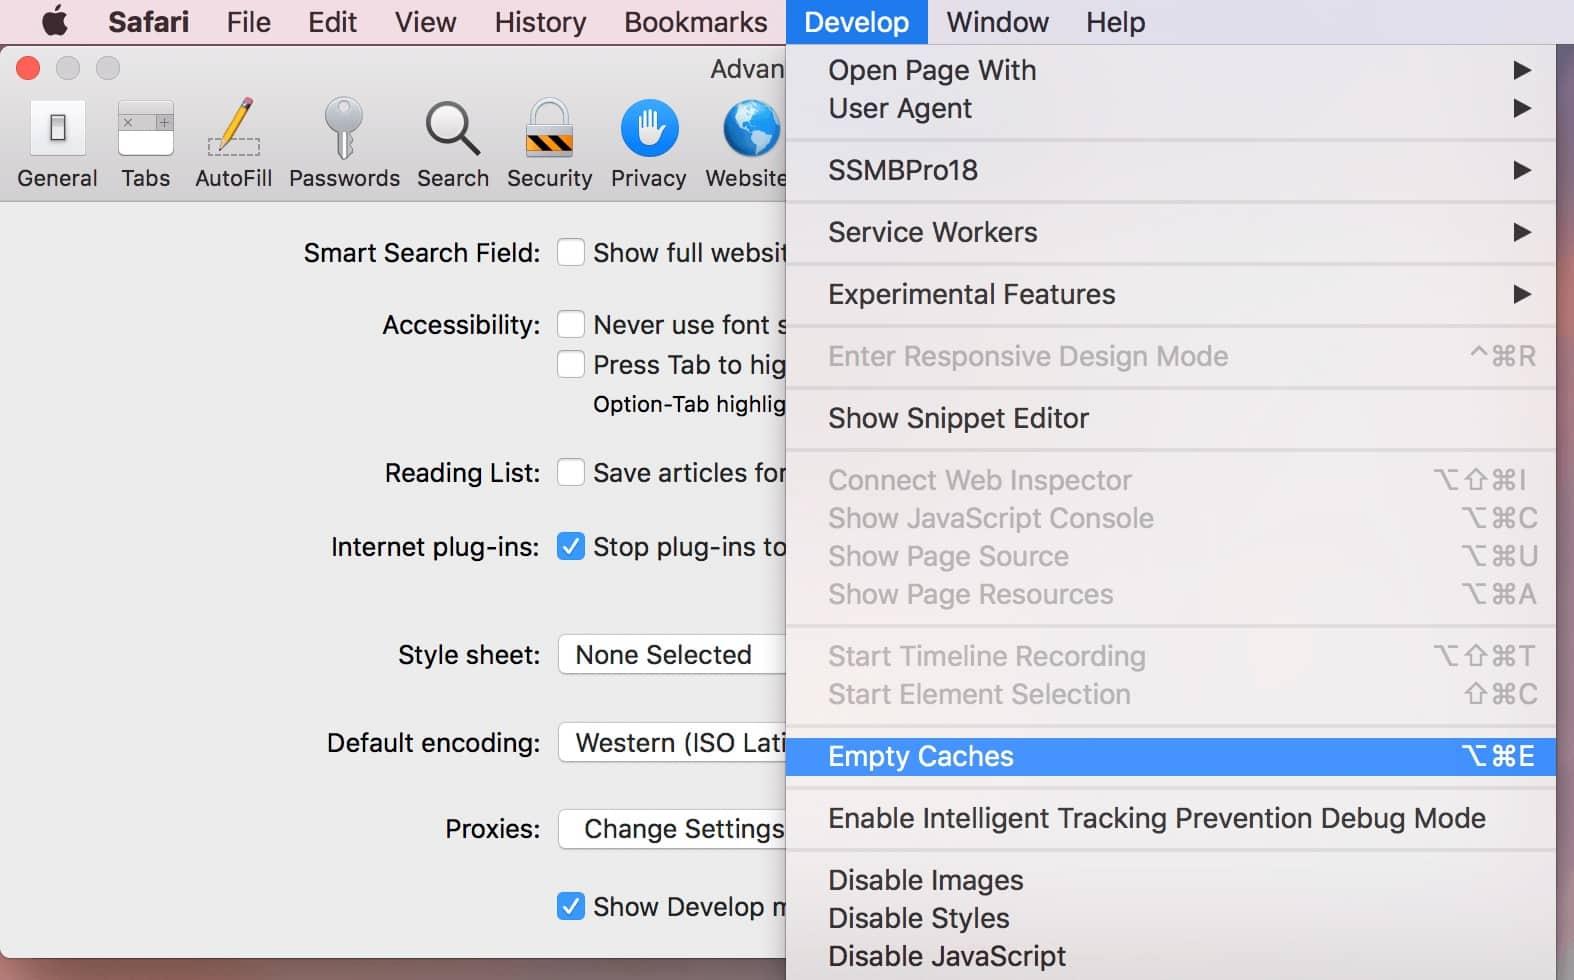 Menghapus Cache di Browser Safari (MacOS)